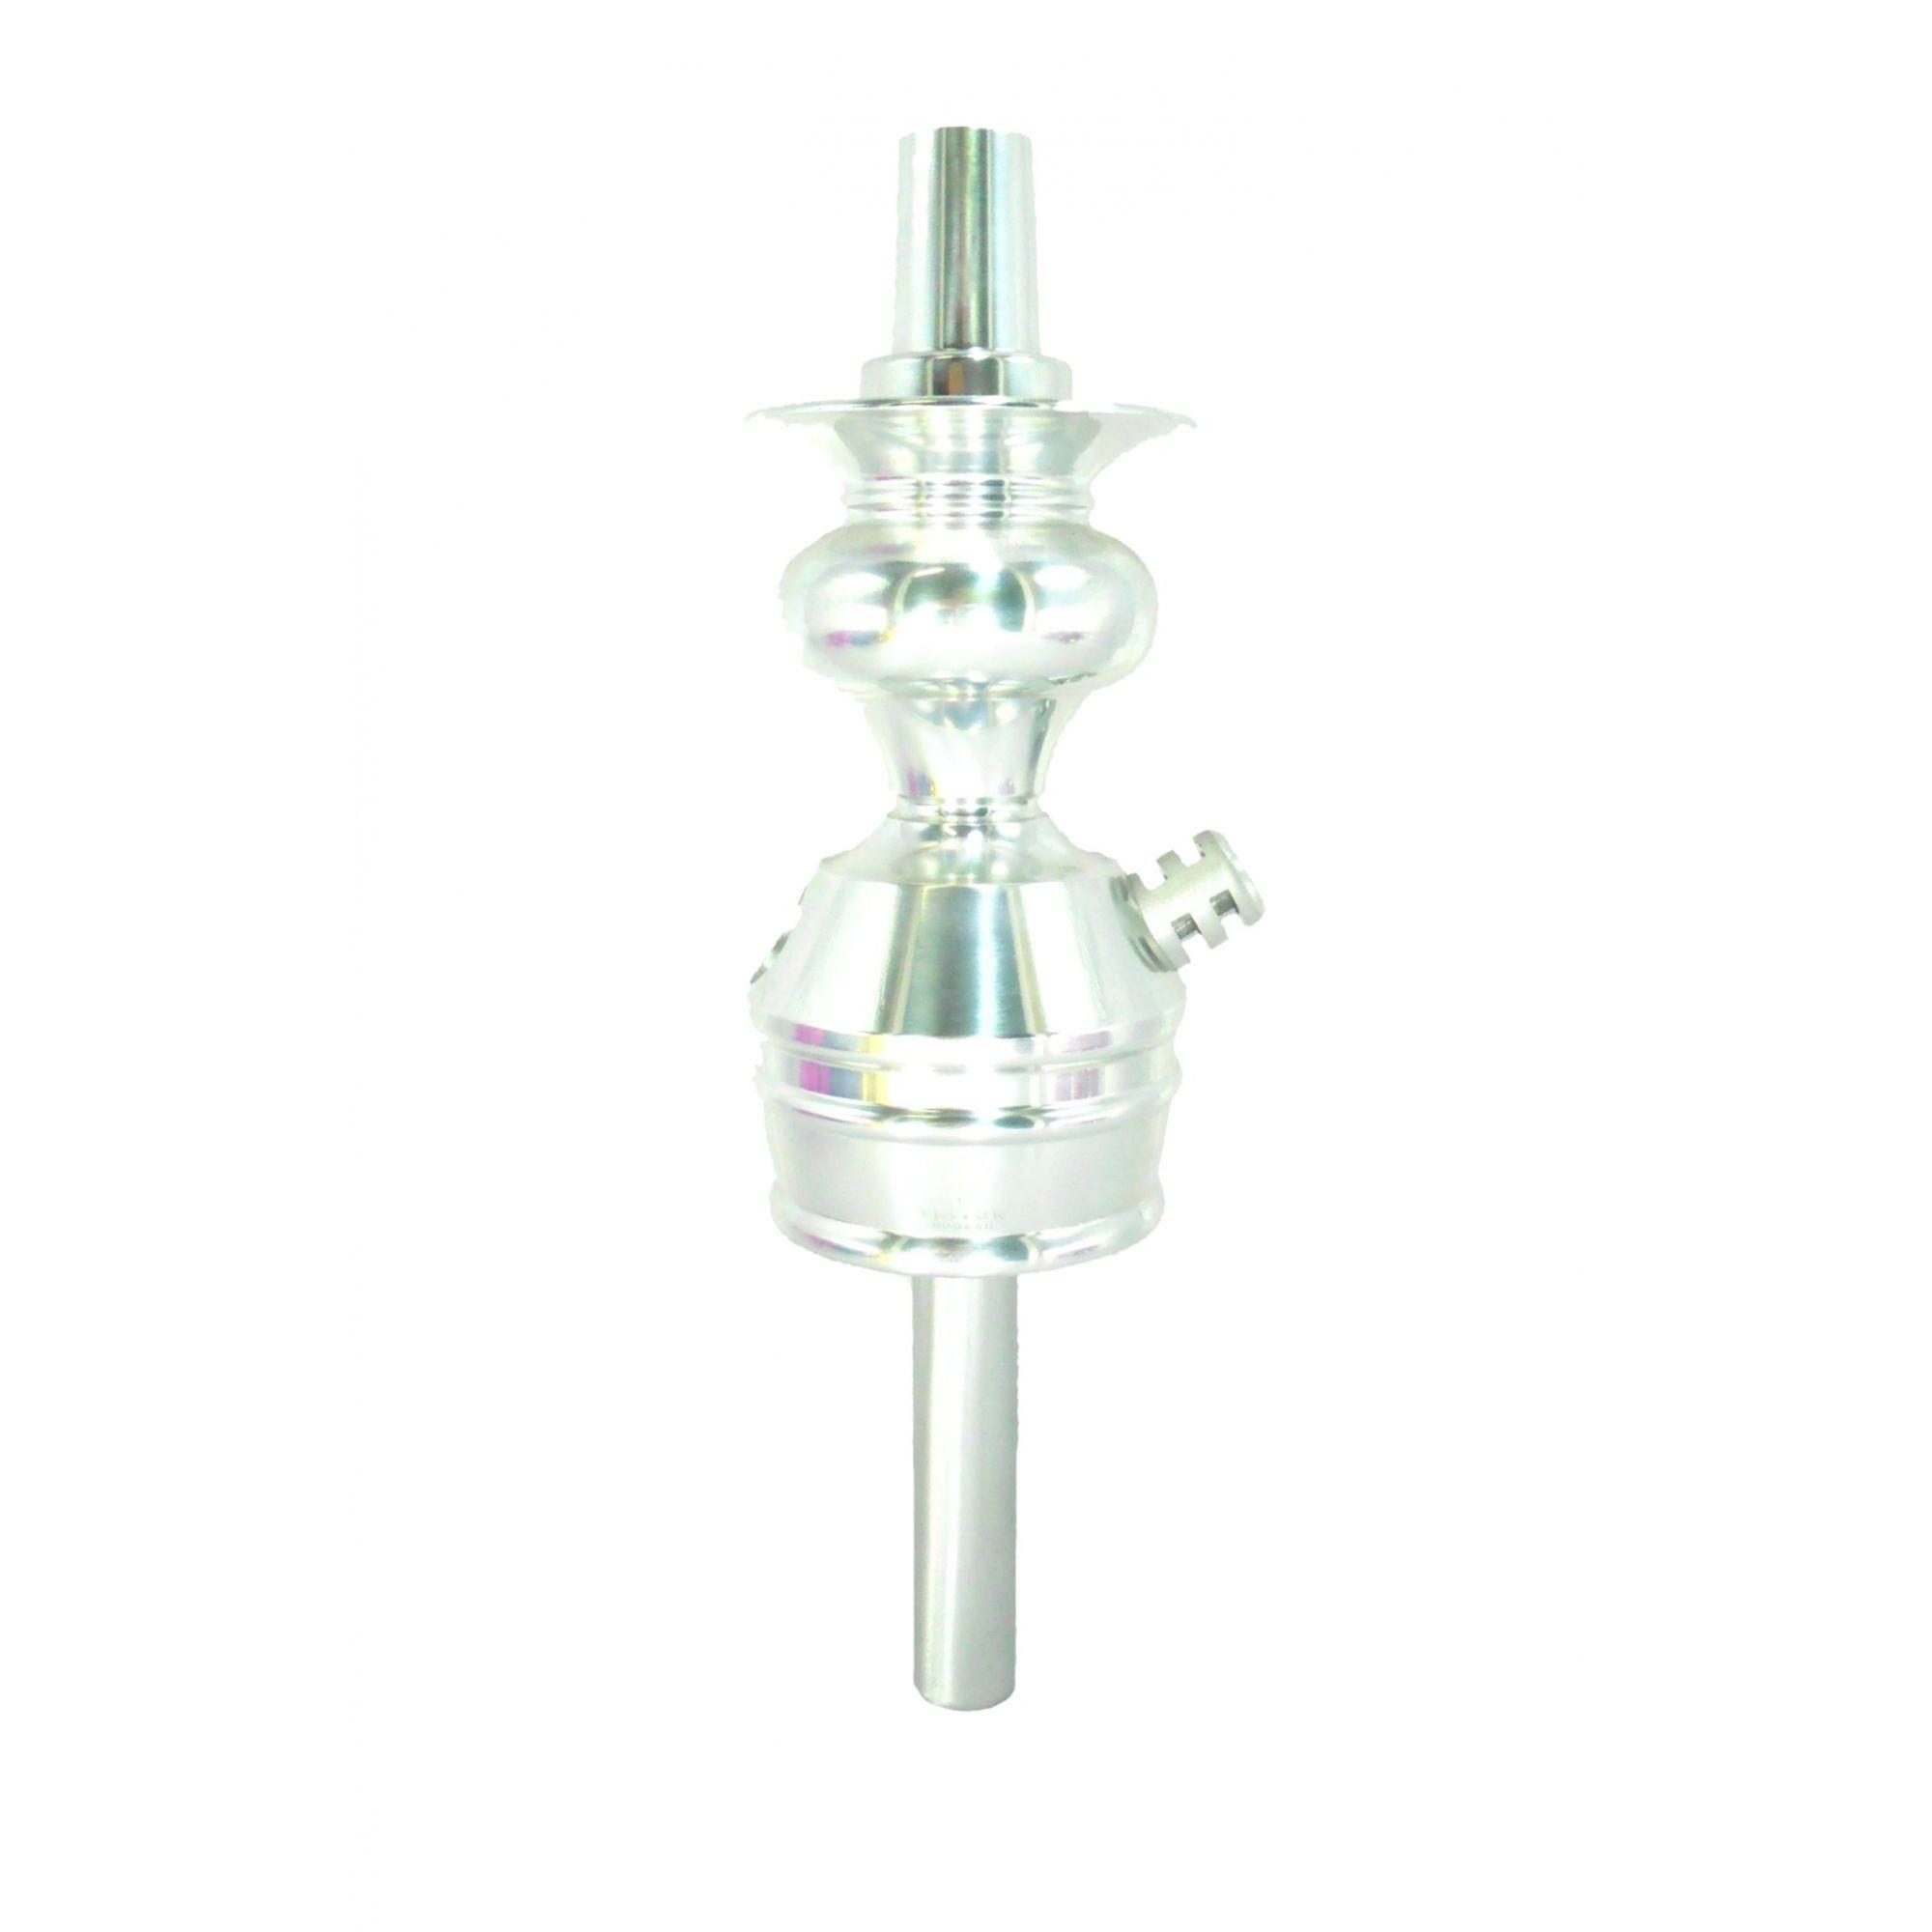 Stem (corpo de narguile) TRITON ZIP, em alumínio maciço, usinado e dutado. 22cm de altura do stem. Cromado